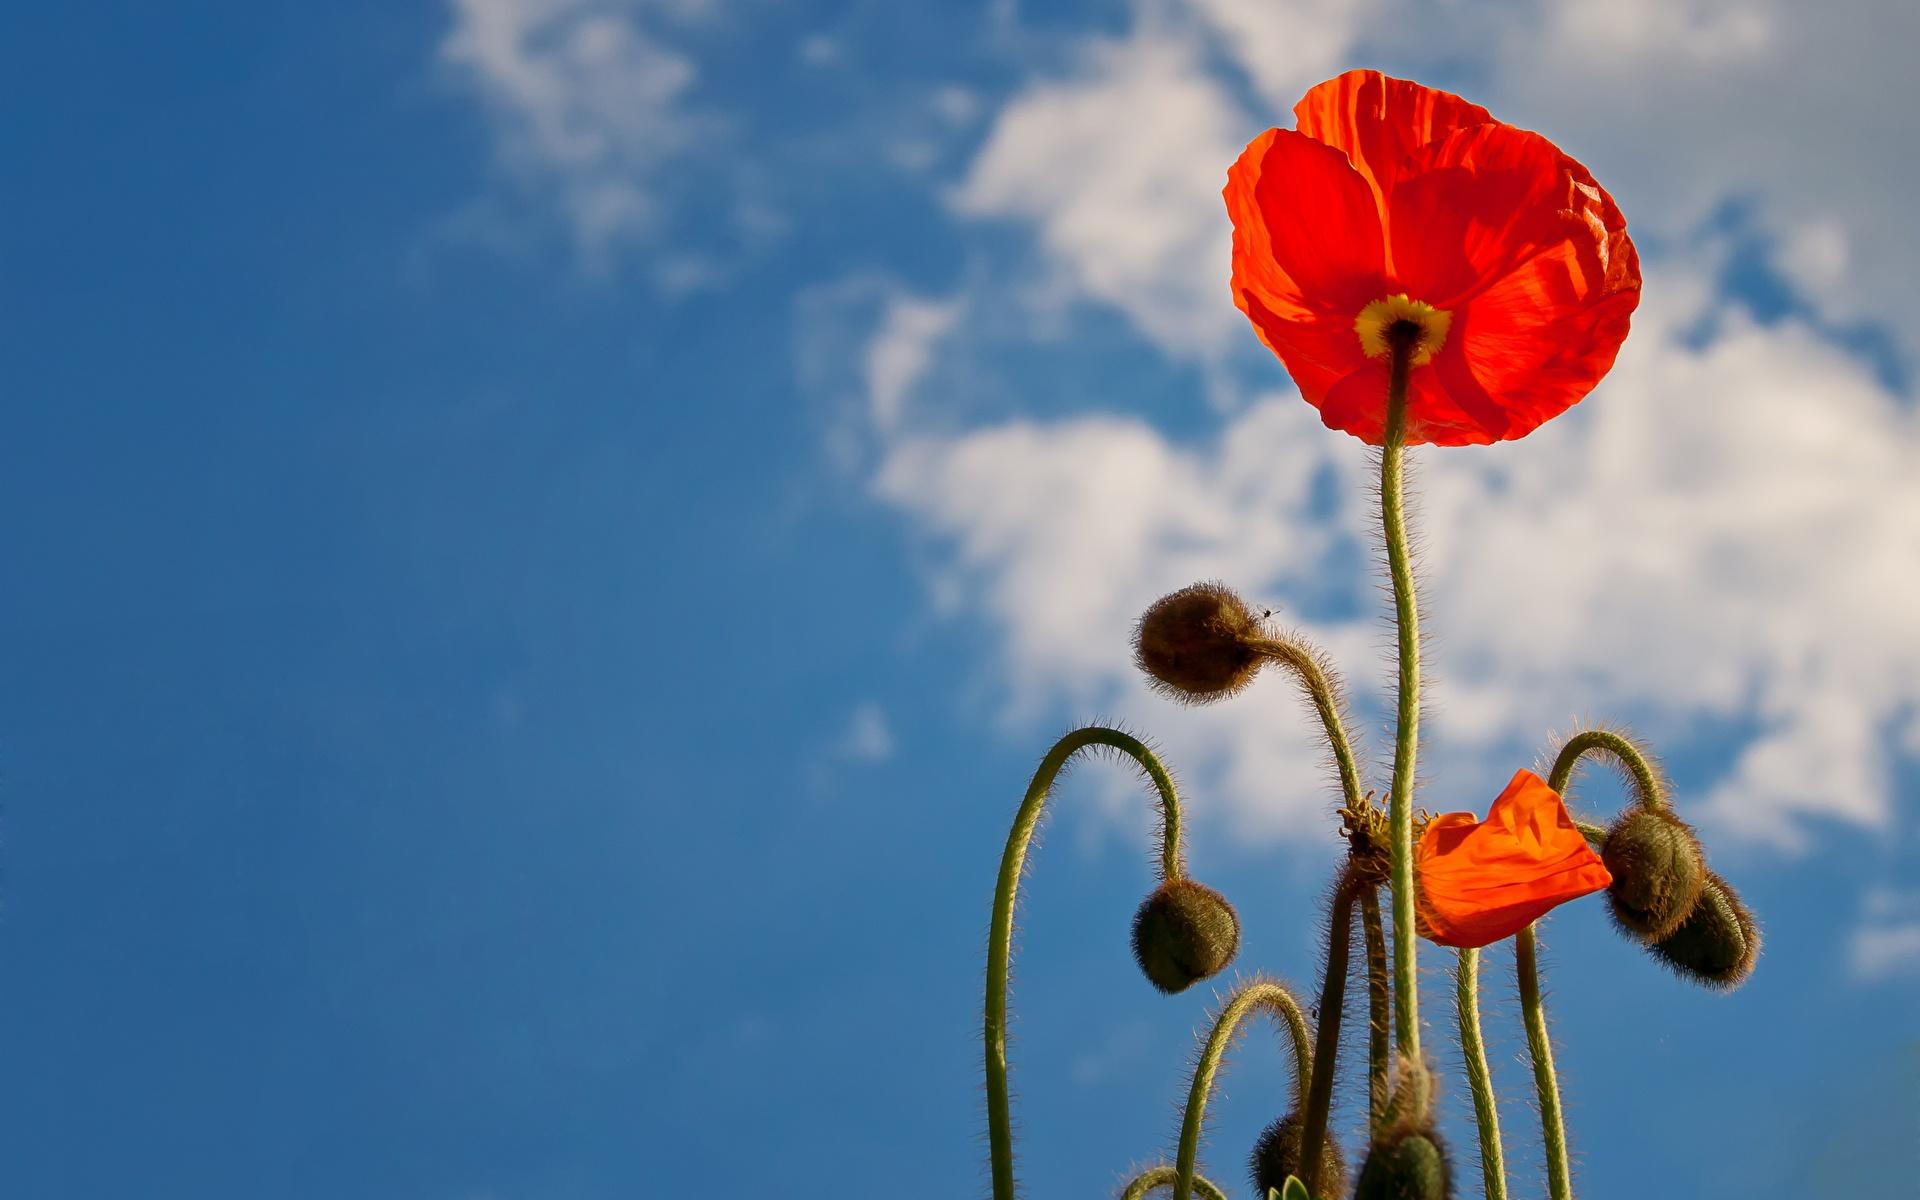 Картинка Красный мак цветок Бутон Крупным планом 1920x1200 красная красные красных Маки Цветы вблизи